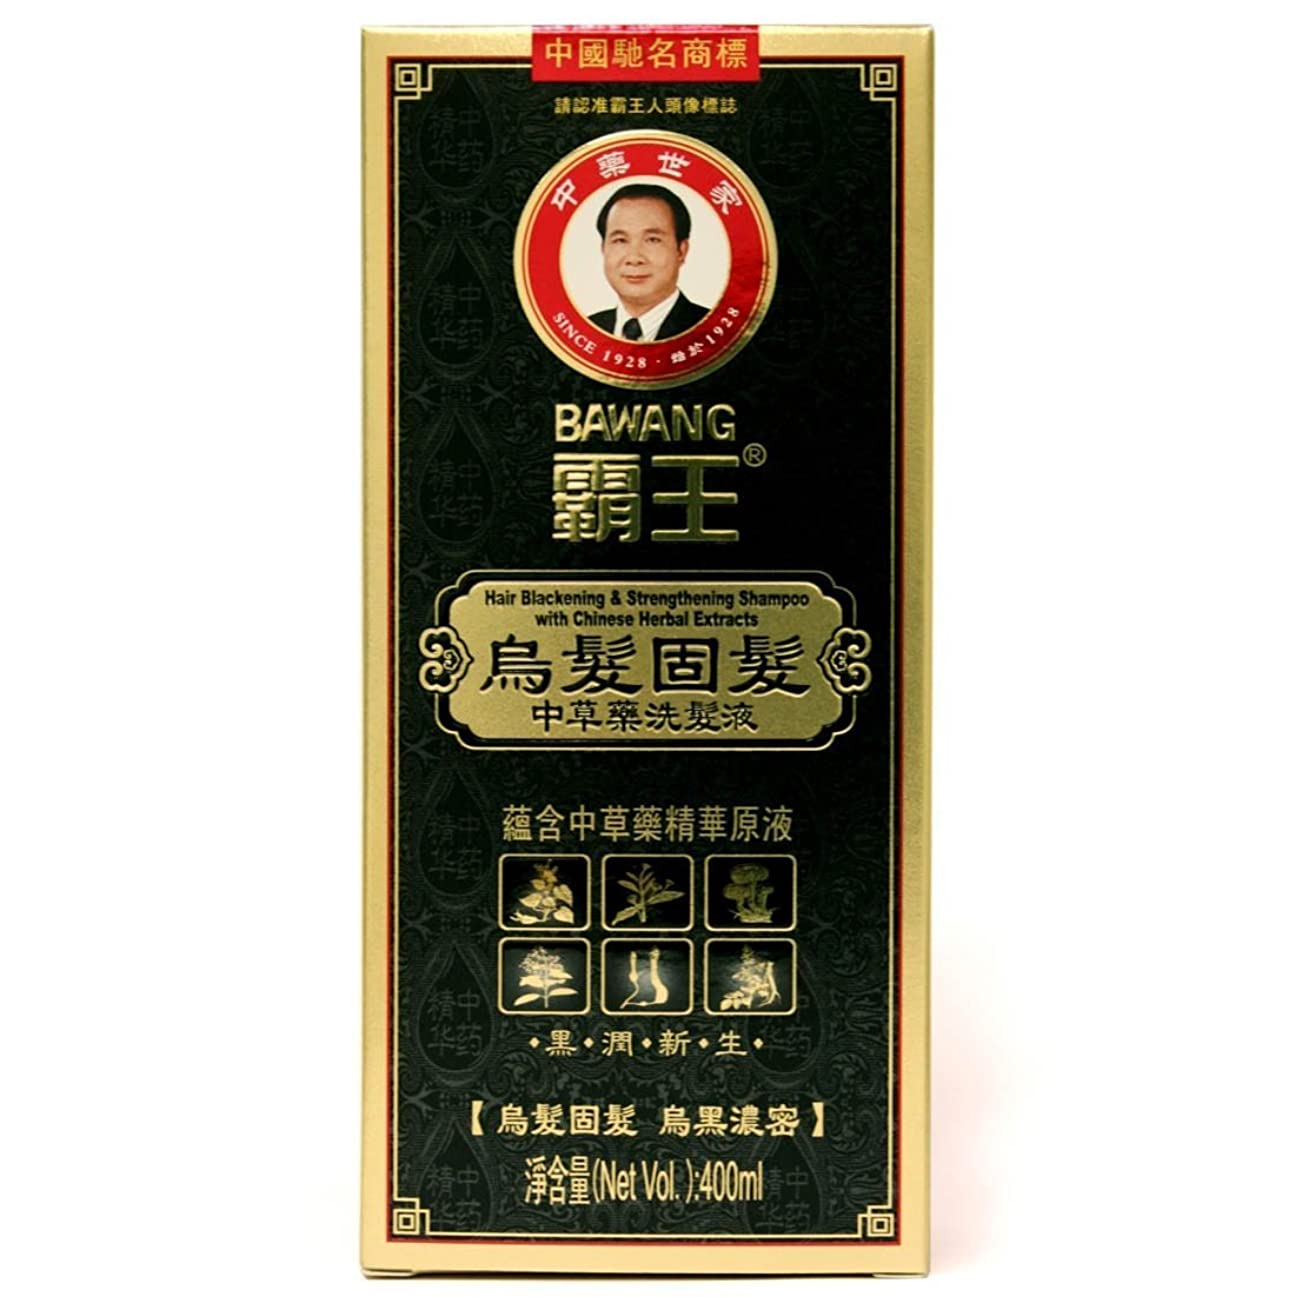 胸ストライク滑り台Bawang Hair Blackening & Strengthening Shampoo With Chinese Herbal Extracts 400Ml by NA